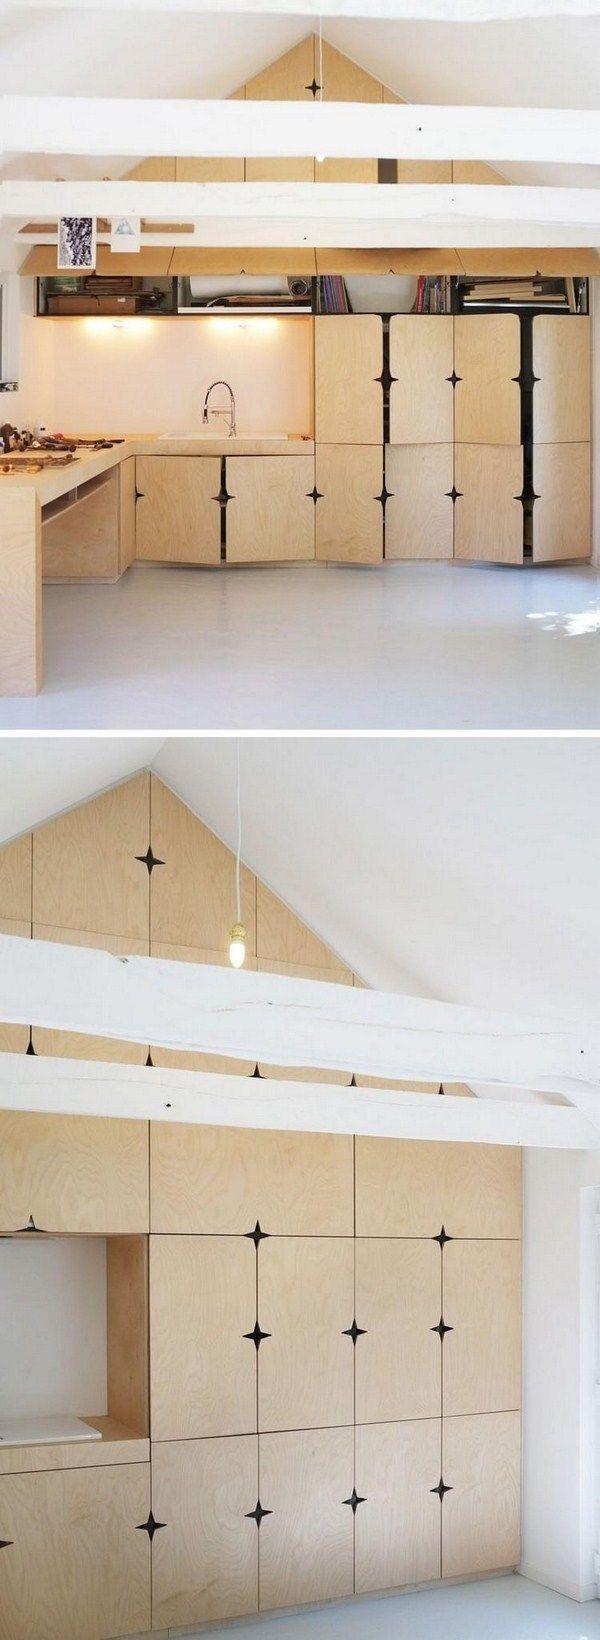 Двери кабинета дизайн кухонного шкафа деревянные отверстия вместо ручки kyton…